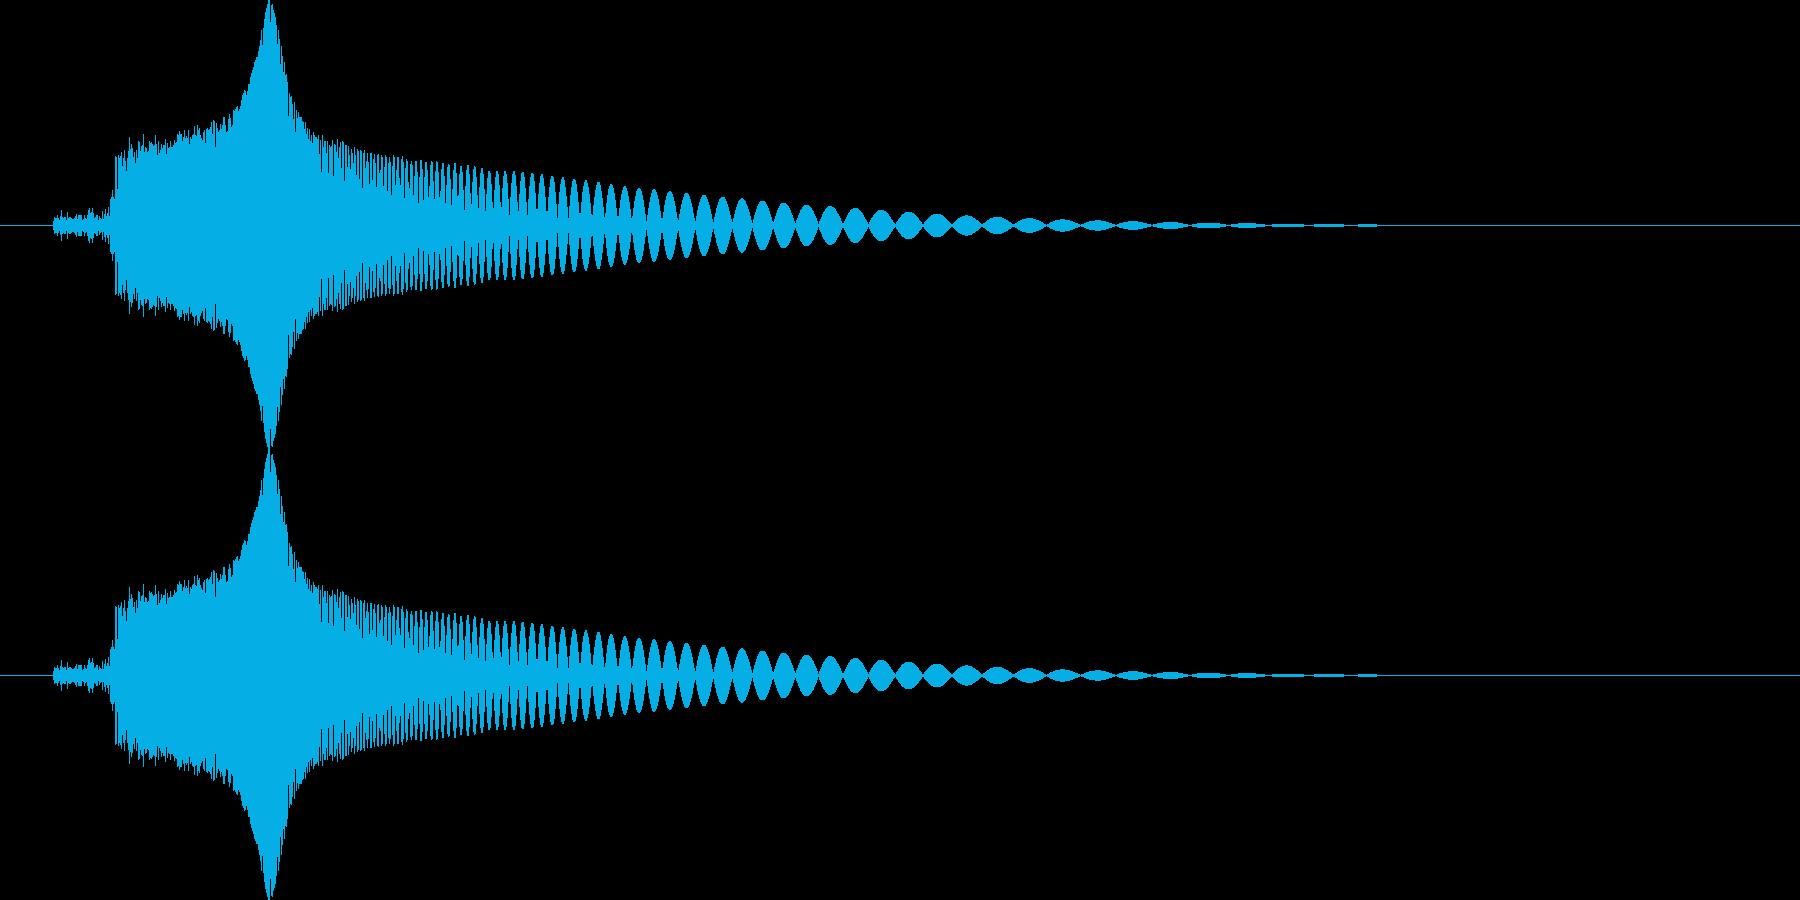 ピュン (レトロな銃の発射音)の再生済みの波形